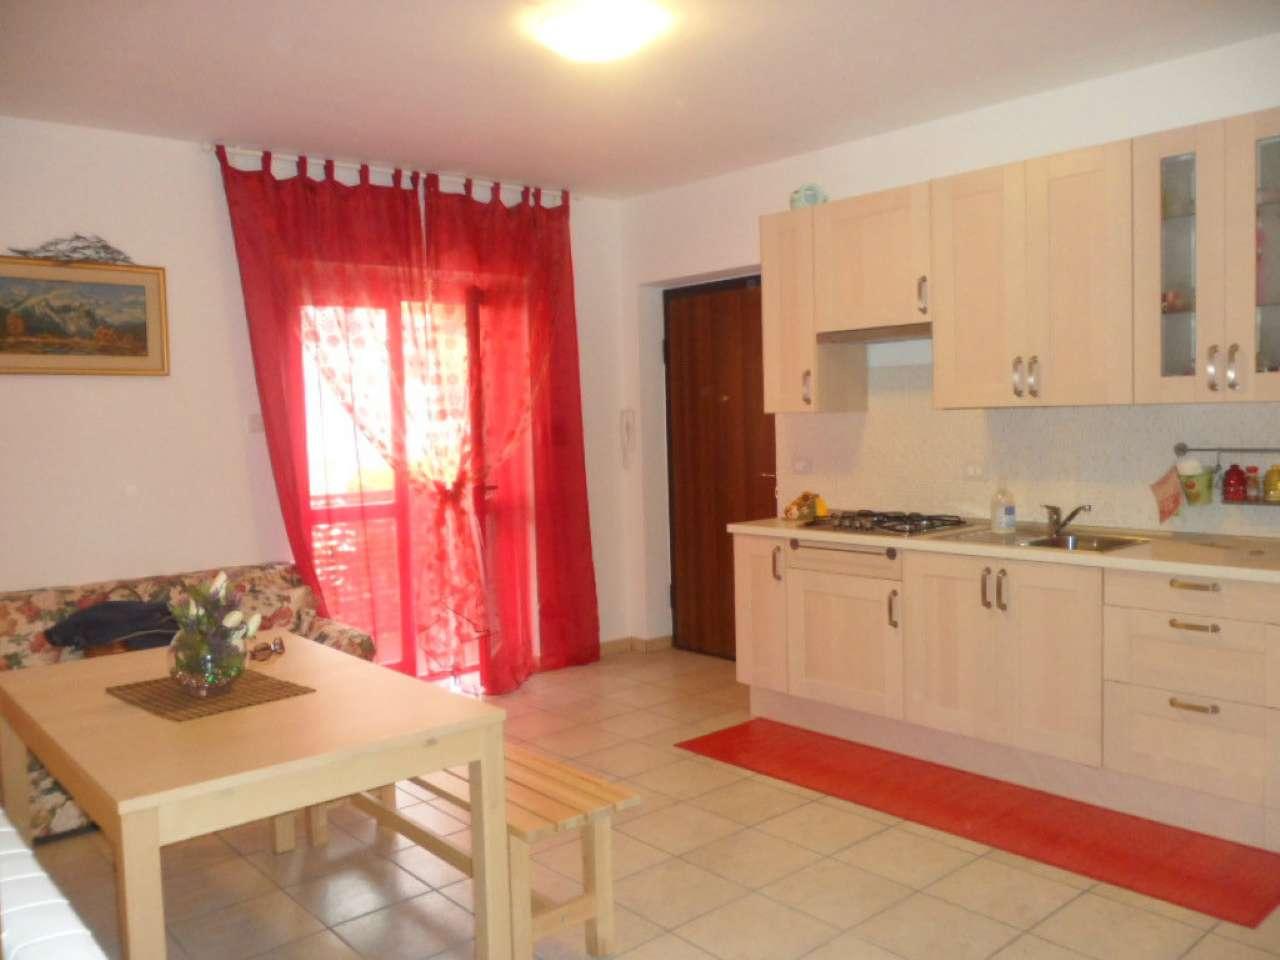 Appartamento in vendita a Fiuggi, 3 locali, prezzo € 65.000   CambioCasa.it